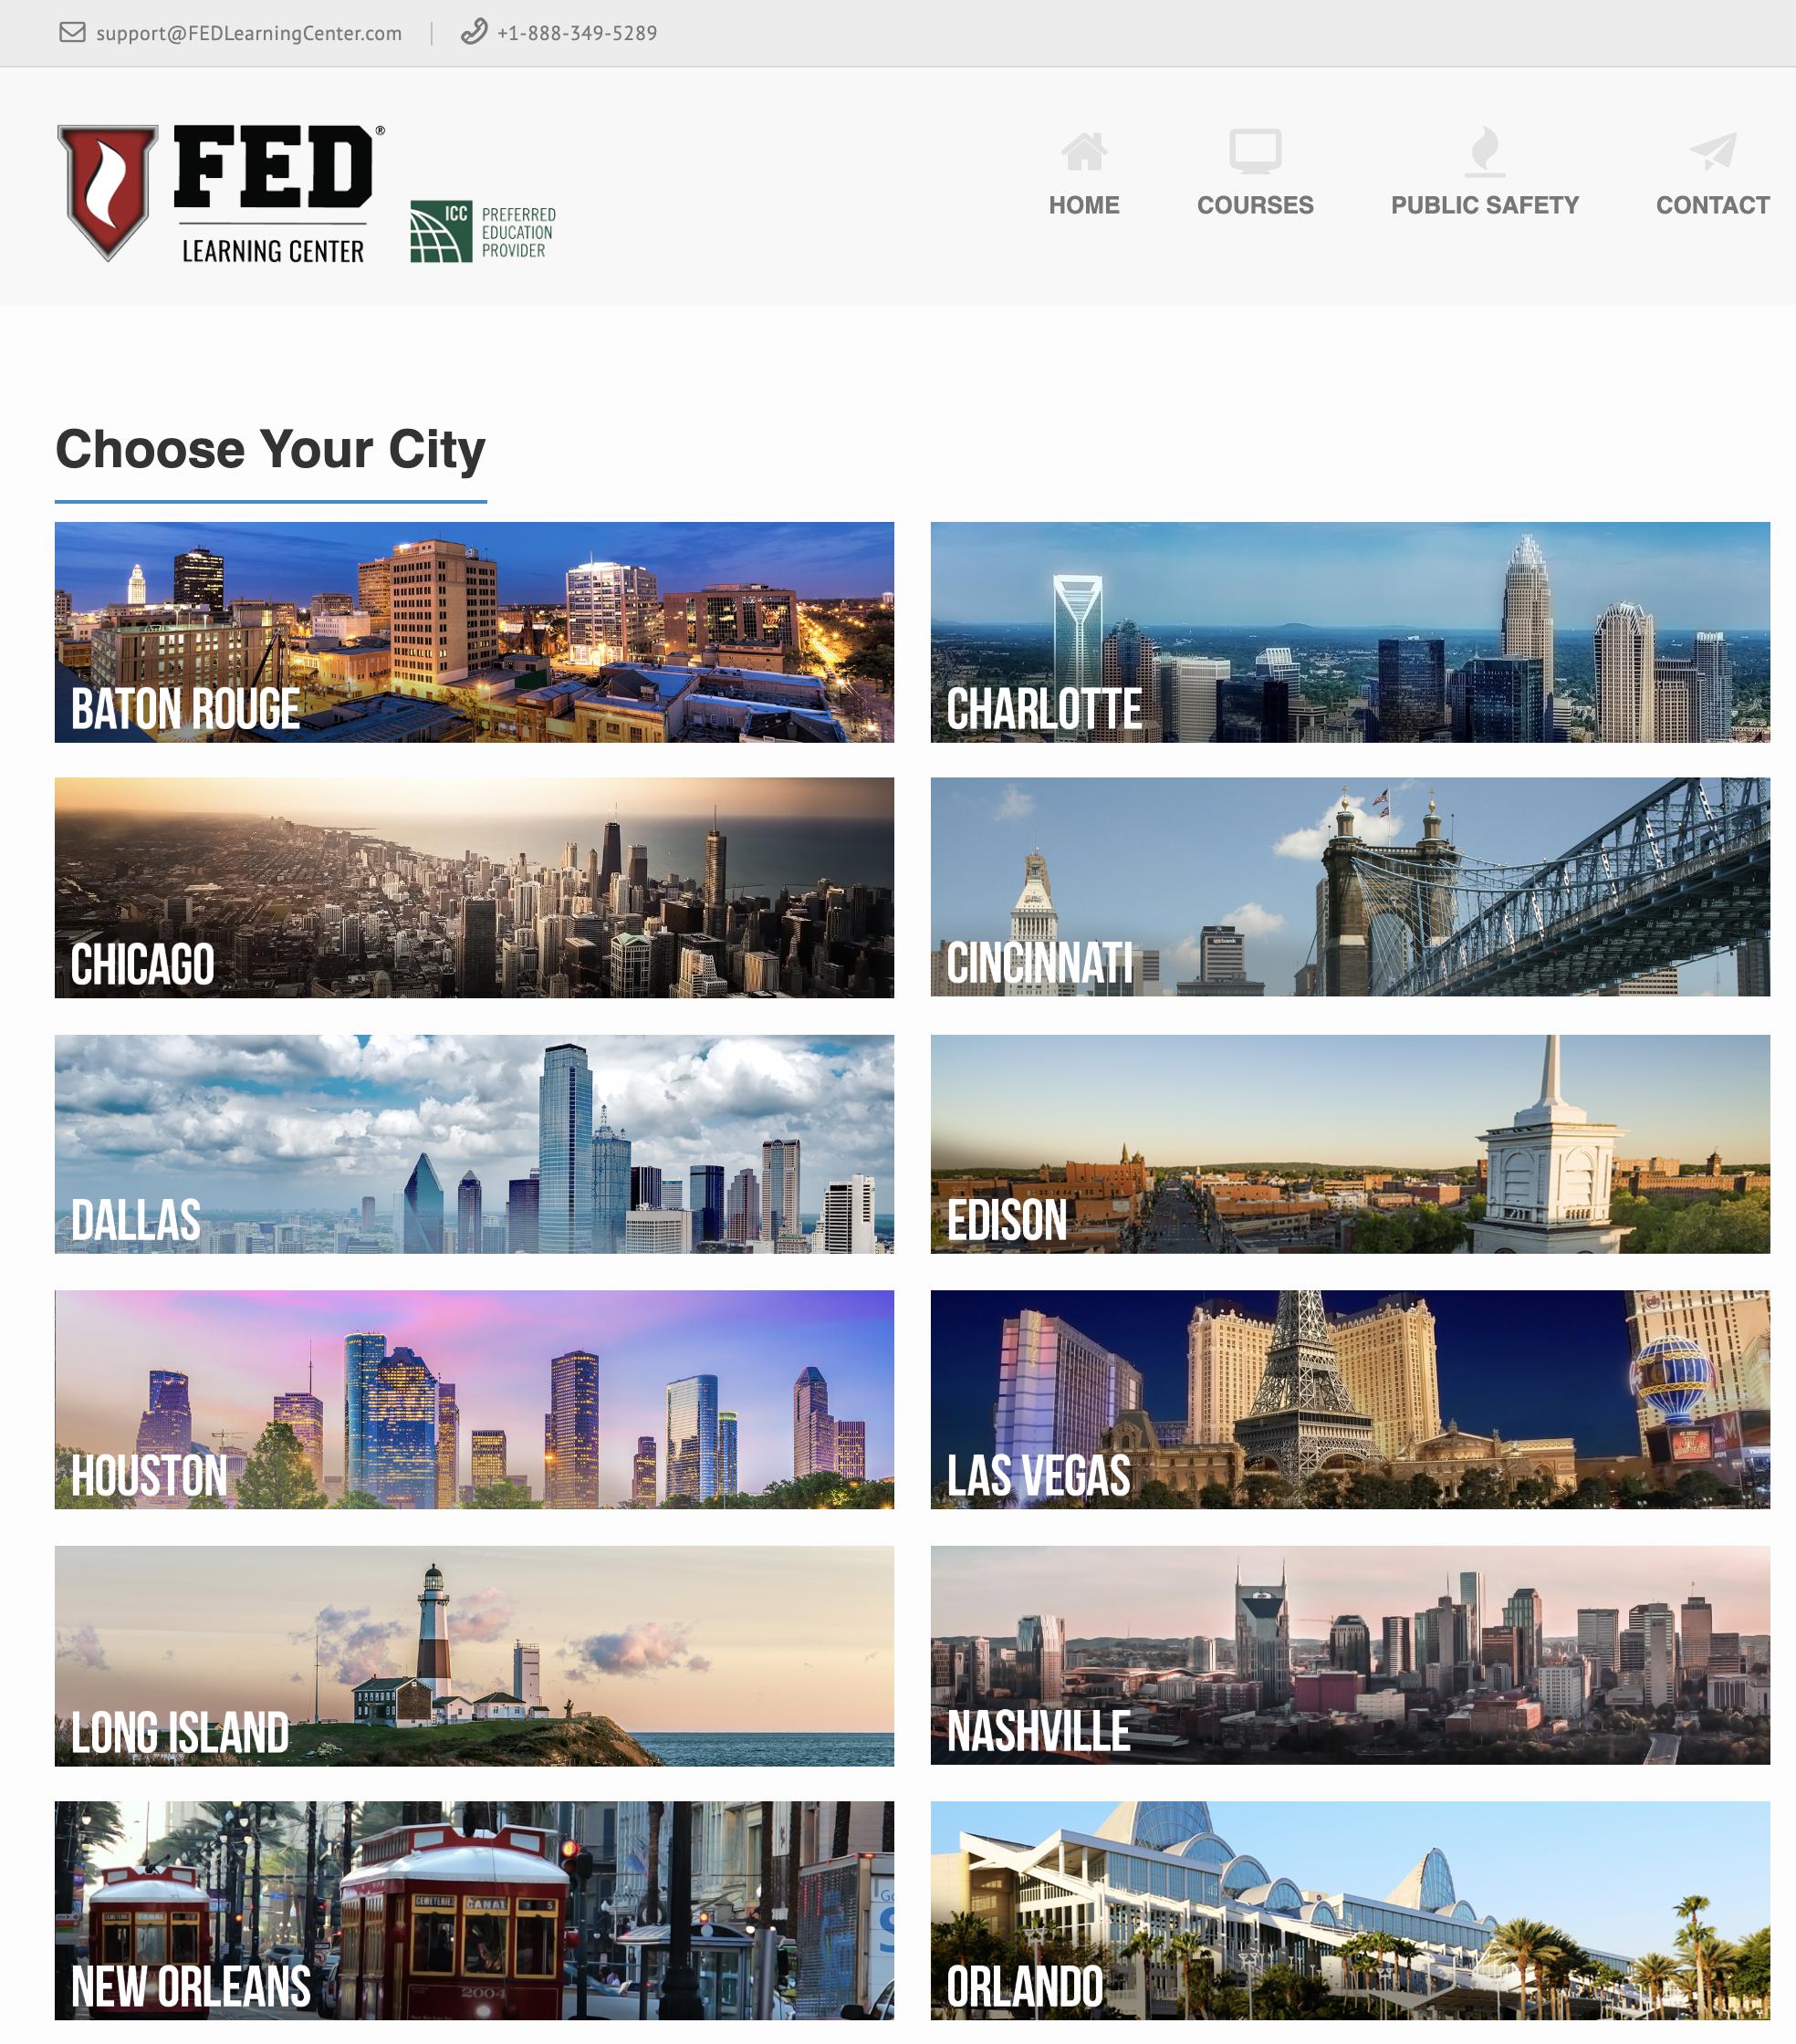 fed_learning_center_website